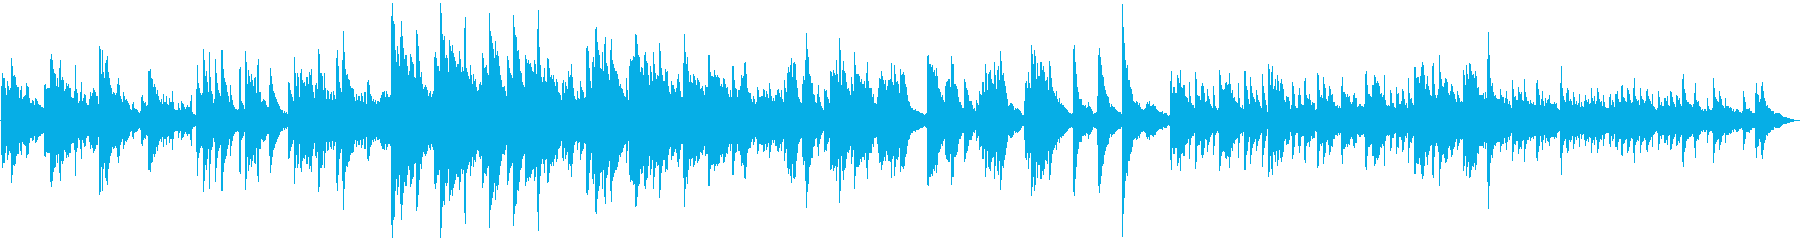 優しい、落ち着いた雰囲気の曲です。の再生済みの波形